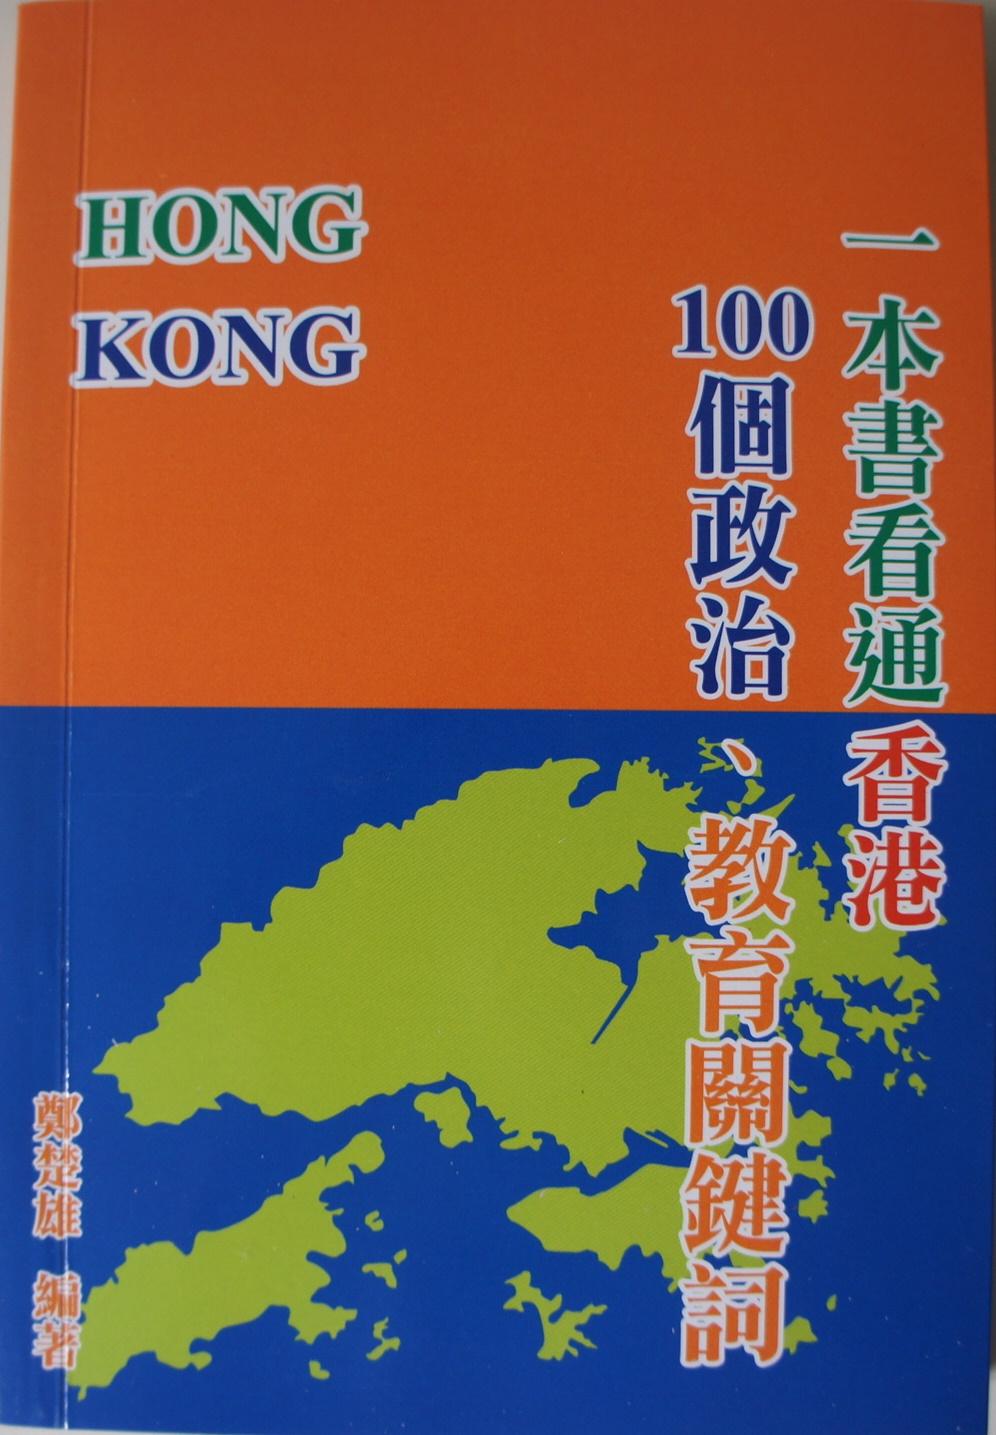 鄭楚雄 出版 書籍 《一本書看通香港  100個政治教育關鍵詞》